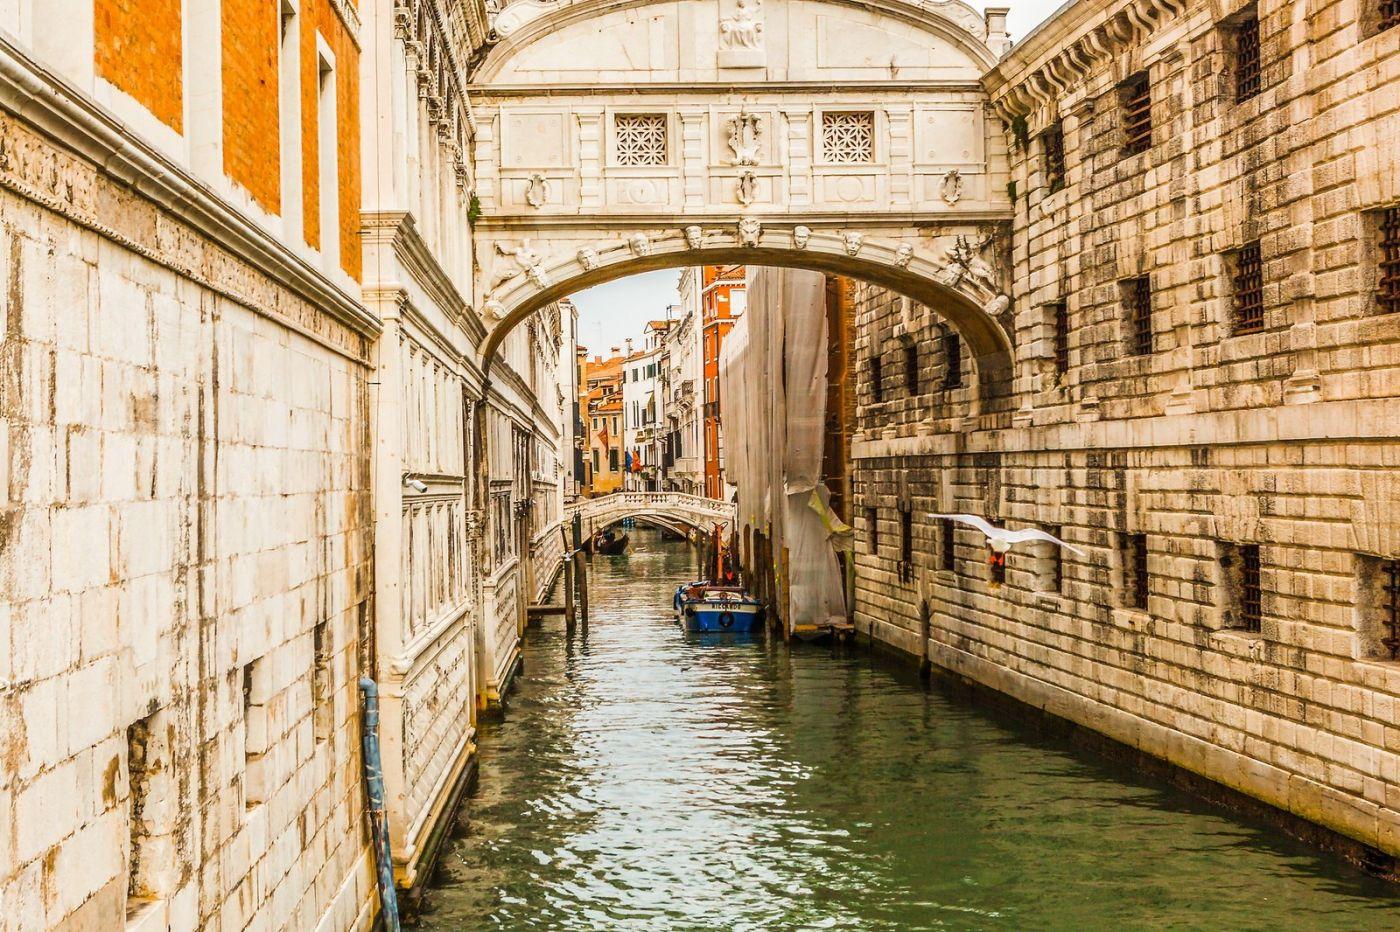 意大利威尼斯,桥的艺术_图1-13